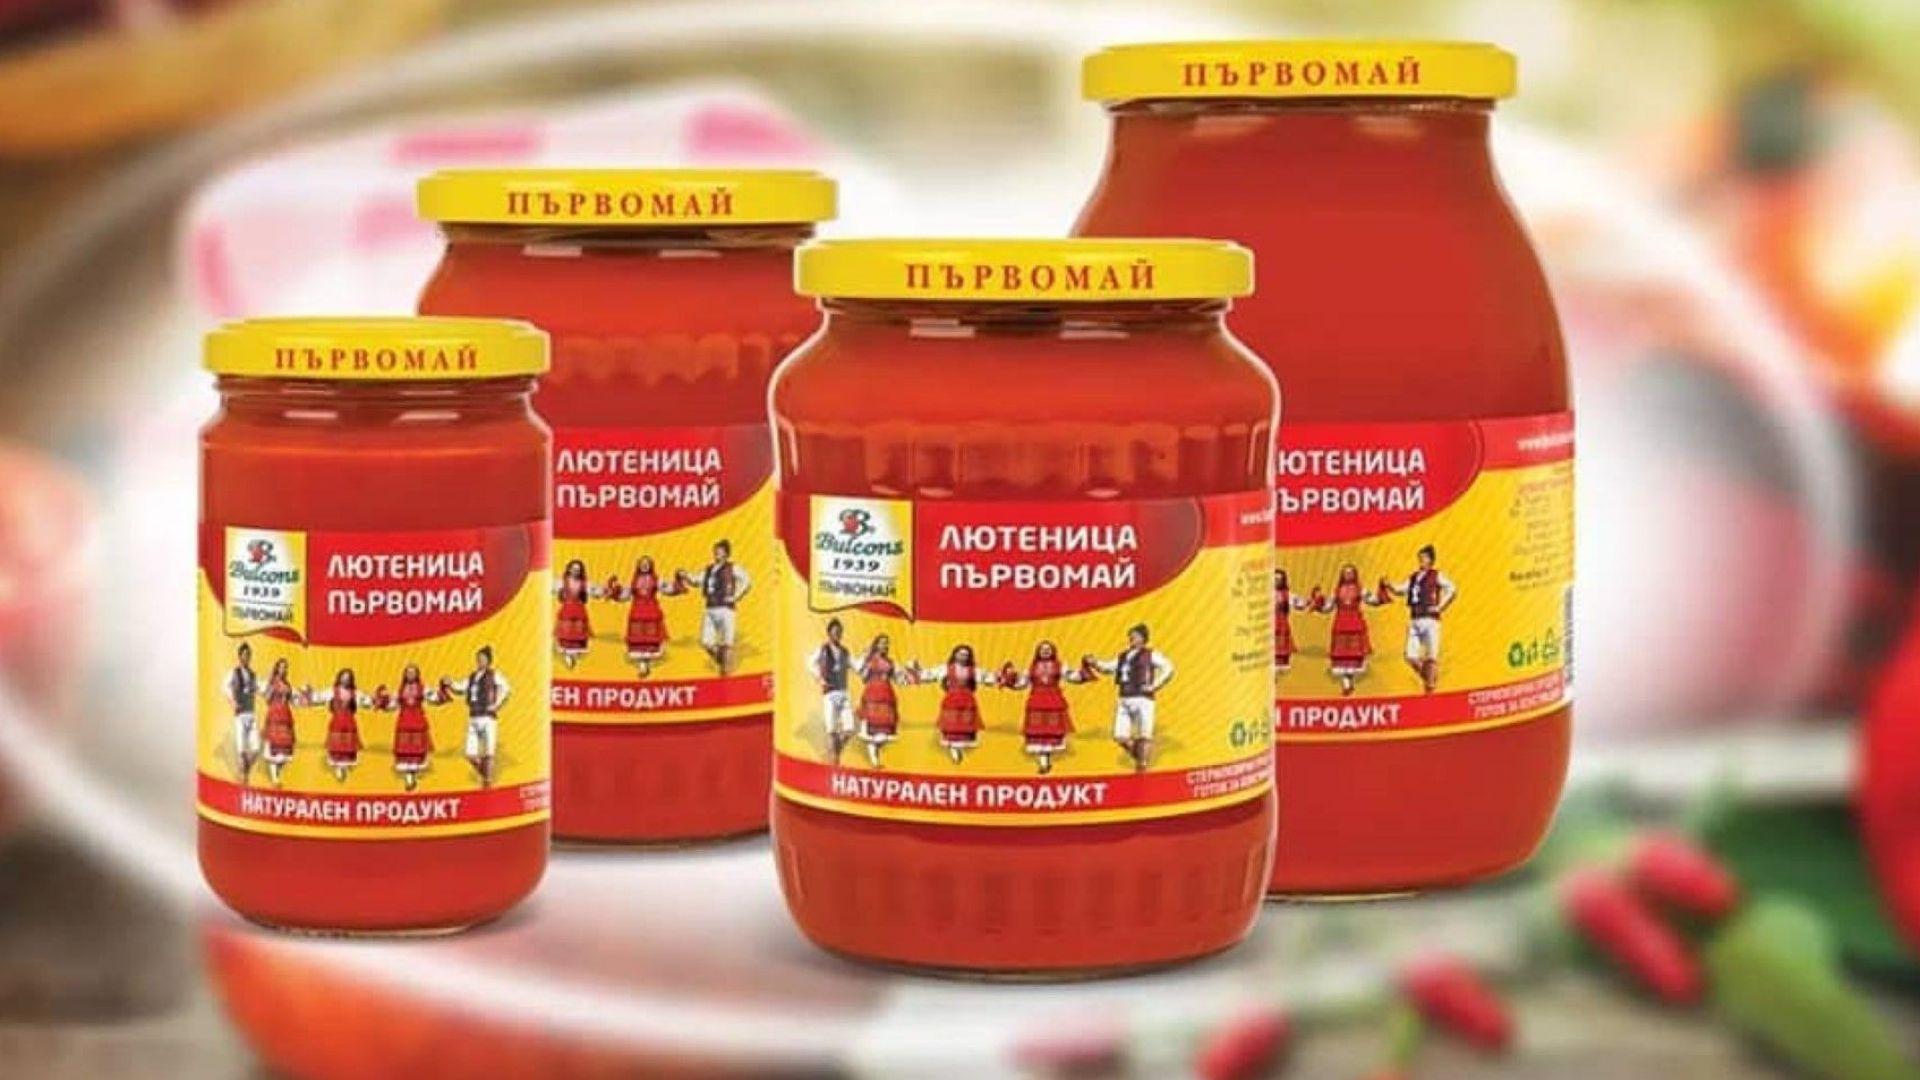 """""""Булконс""""  осъди """"Консервинвест"""" за марката """"Лютеница Първомай"""""""